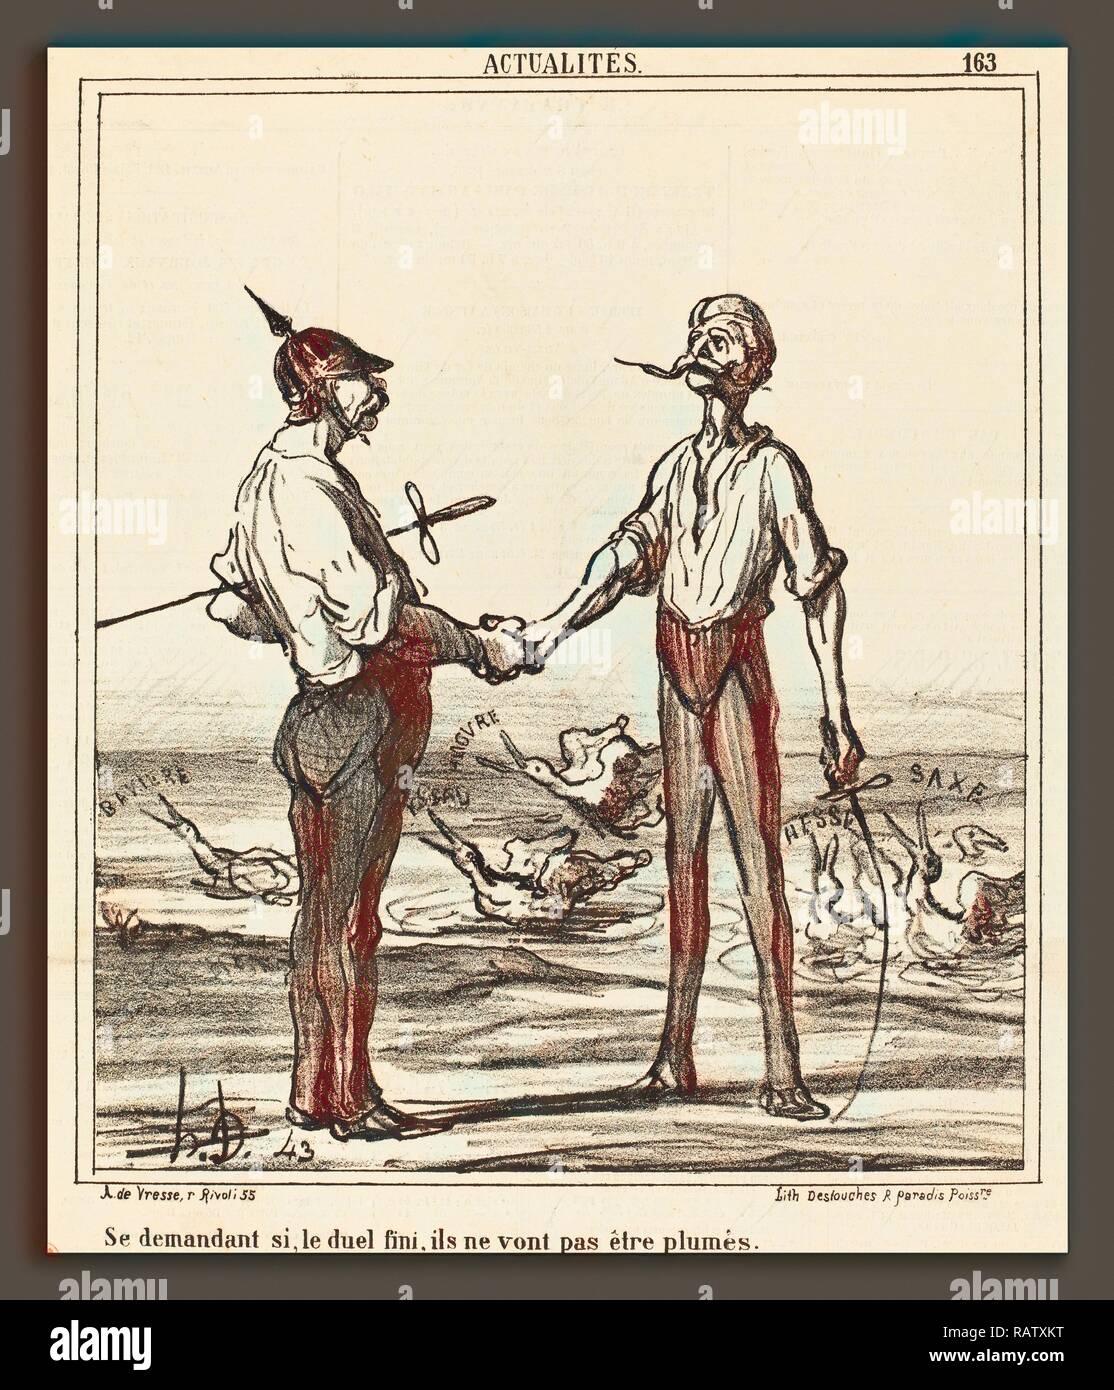 Honoré Daumier (French, 1808 - 1879), Se demandant si, le duel fini, ils ne vont pas etre plumes, 1866, lithograph on reimagined - Stock Image